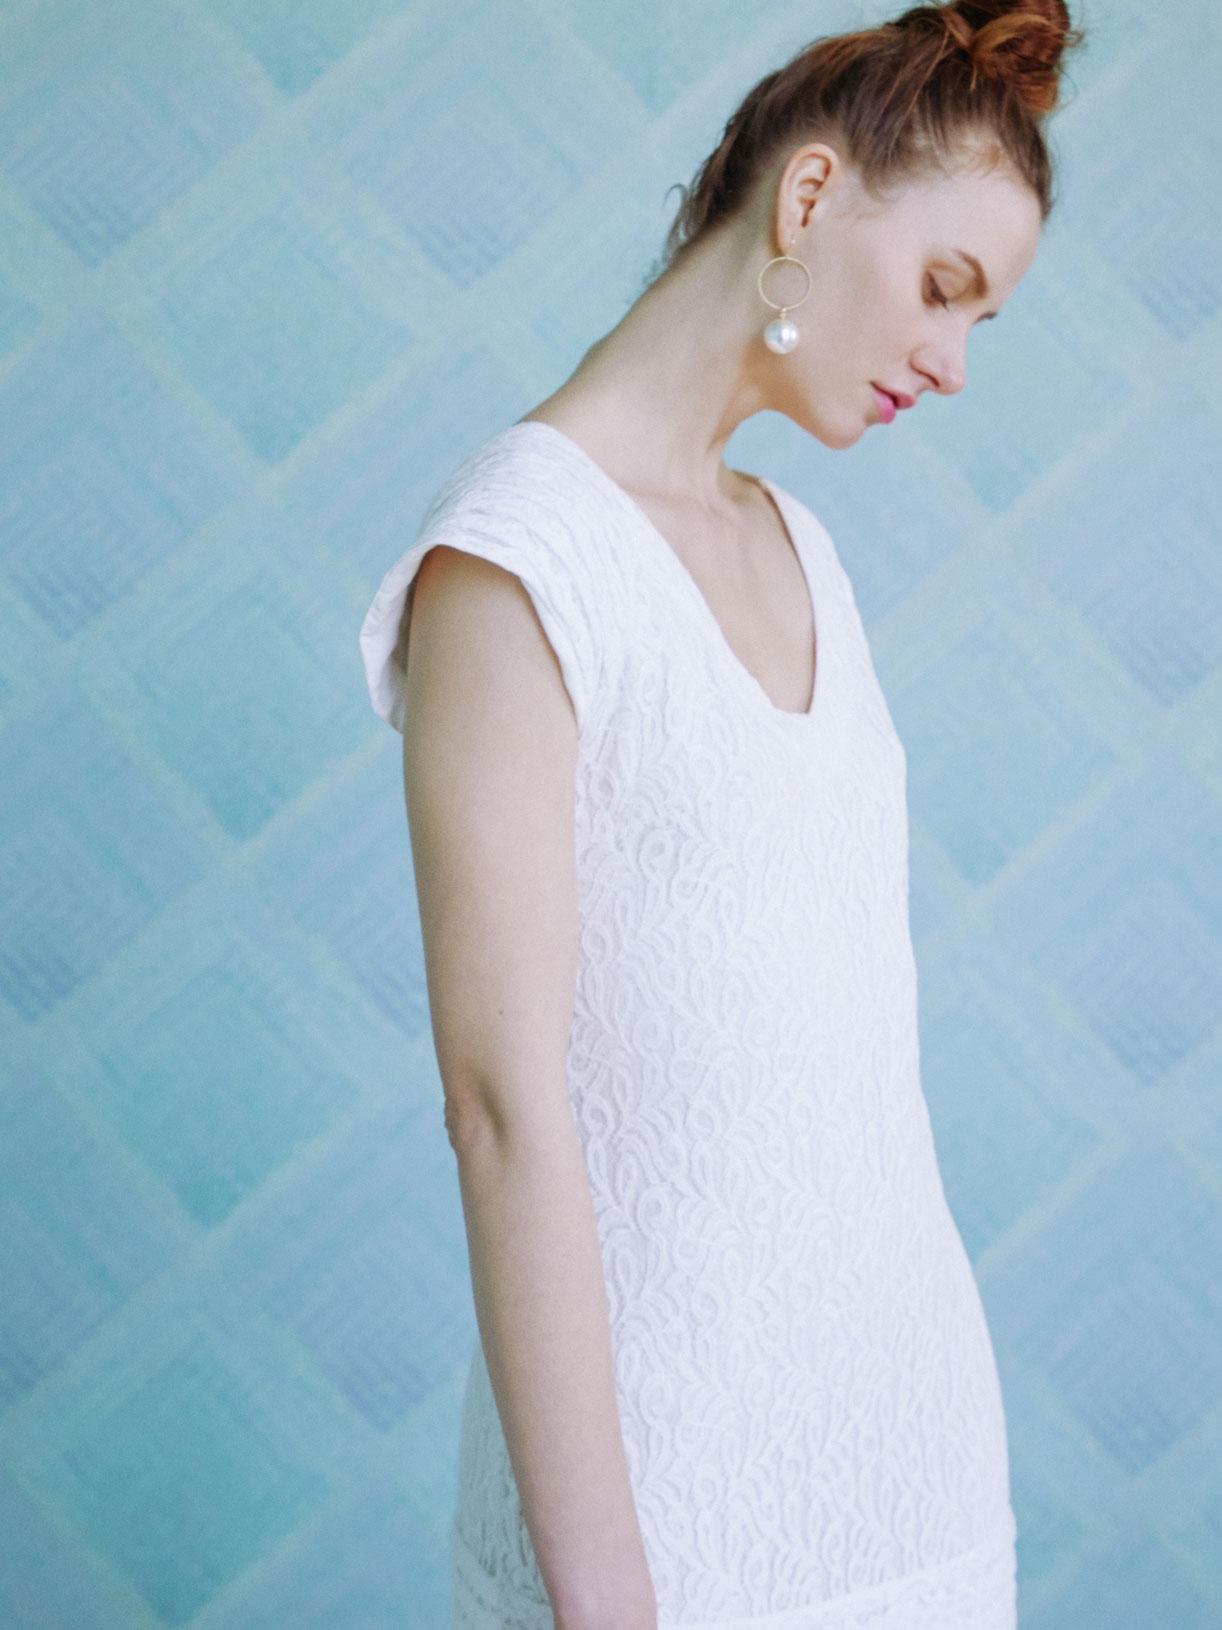 ALEXA - Robe pour mariage civile courte et sexy en dentelle - Créatrice de robes de mariée sur-mesure éthique et bio sur Paris - Myphilosophy